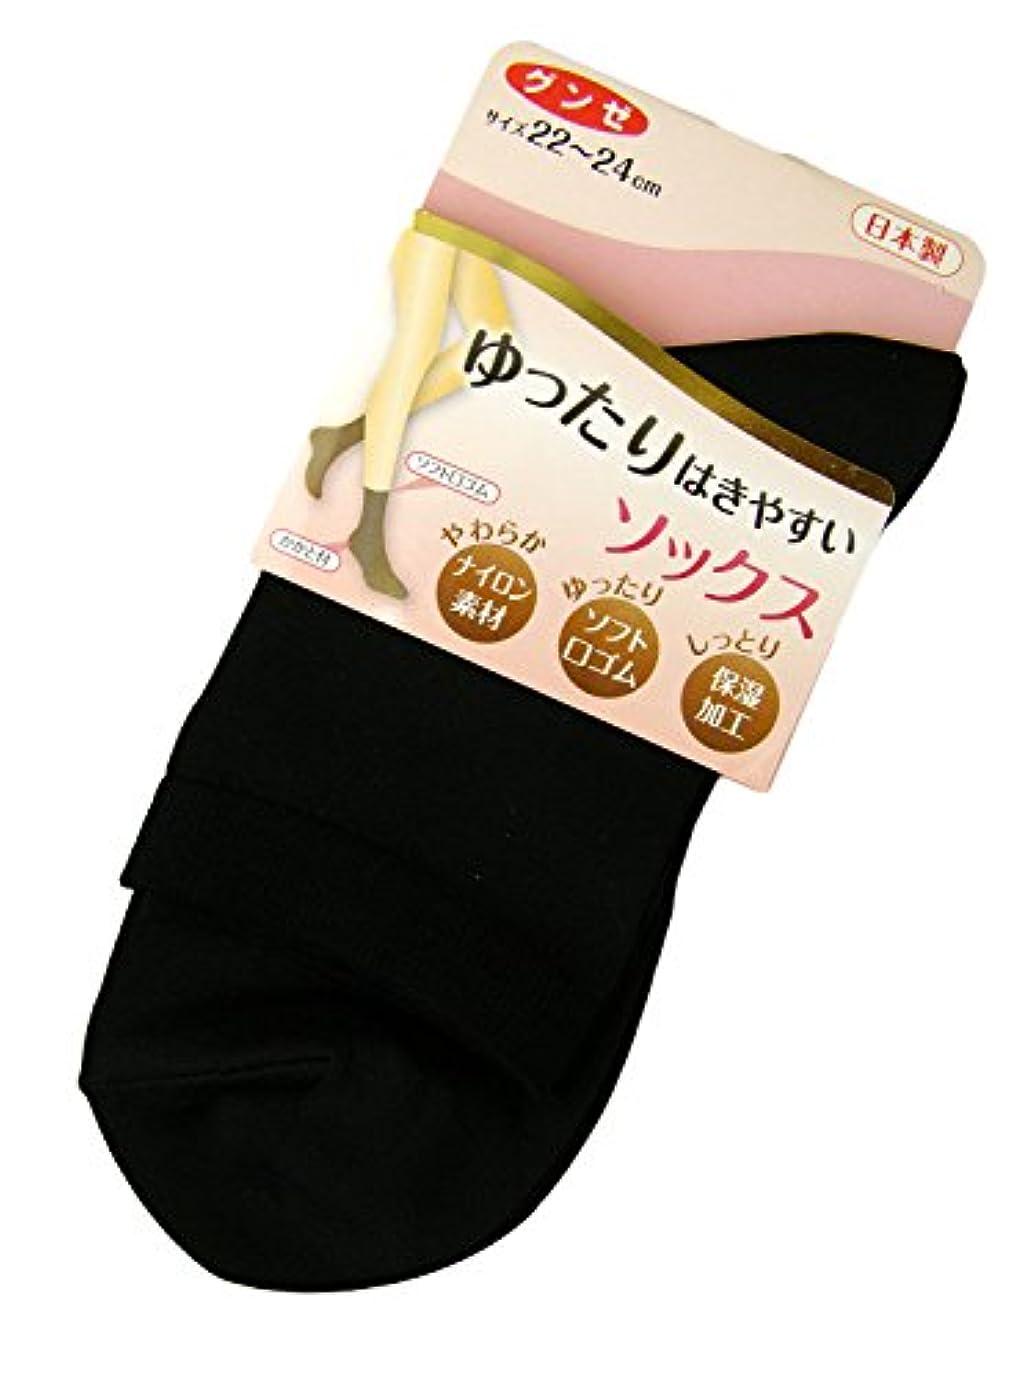 批判的にリード徒歩でAR0212 ミセススニーカーソックス(婦人靴下) ゆったりはきやすい 22-24cm ブラック